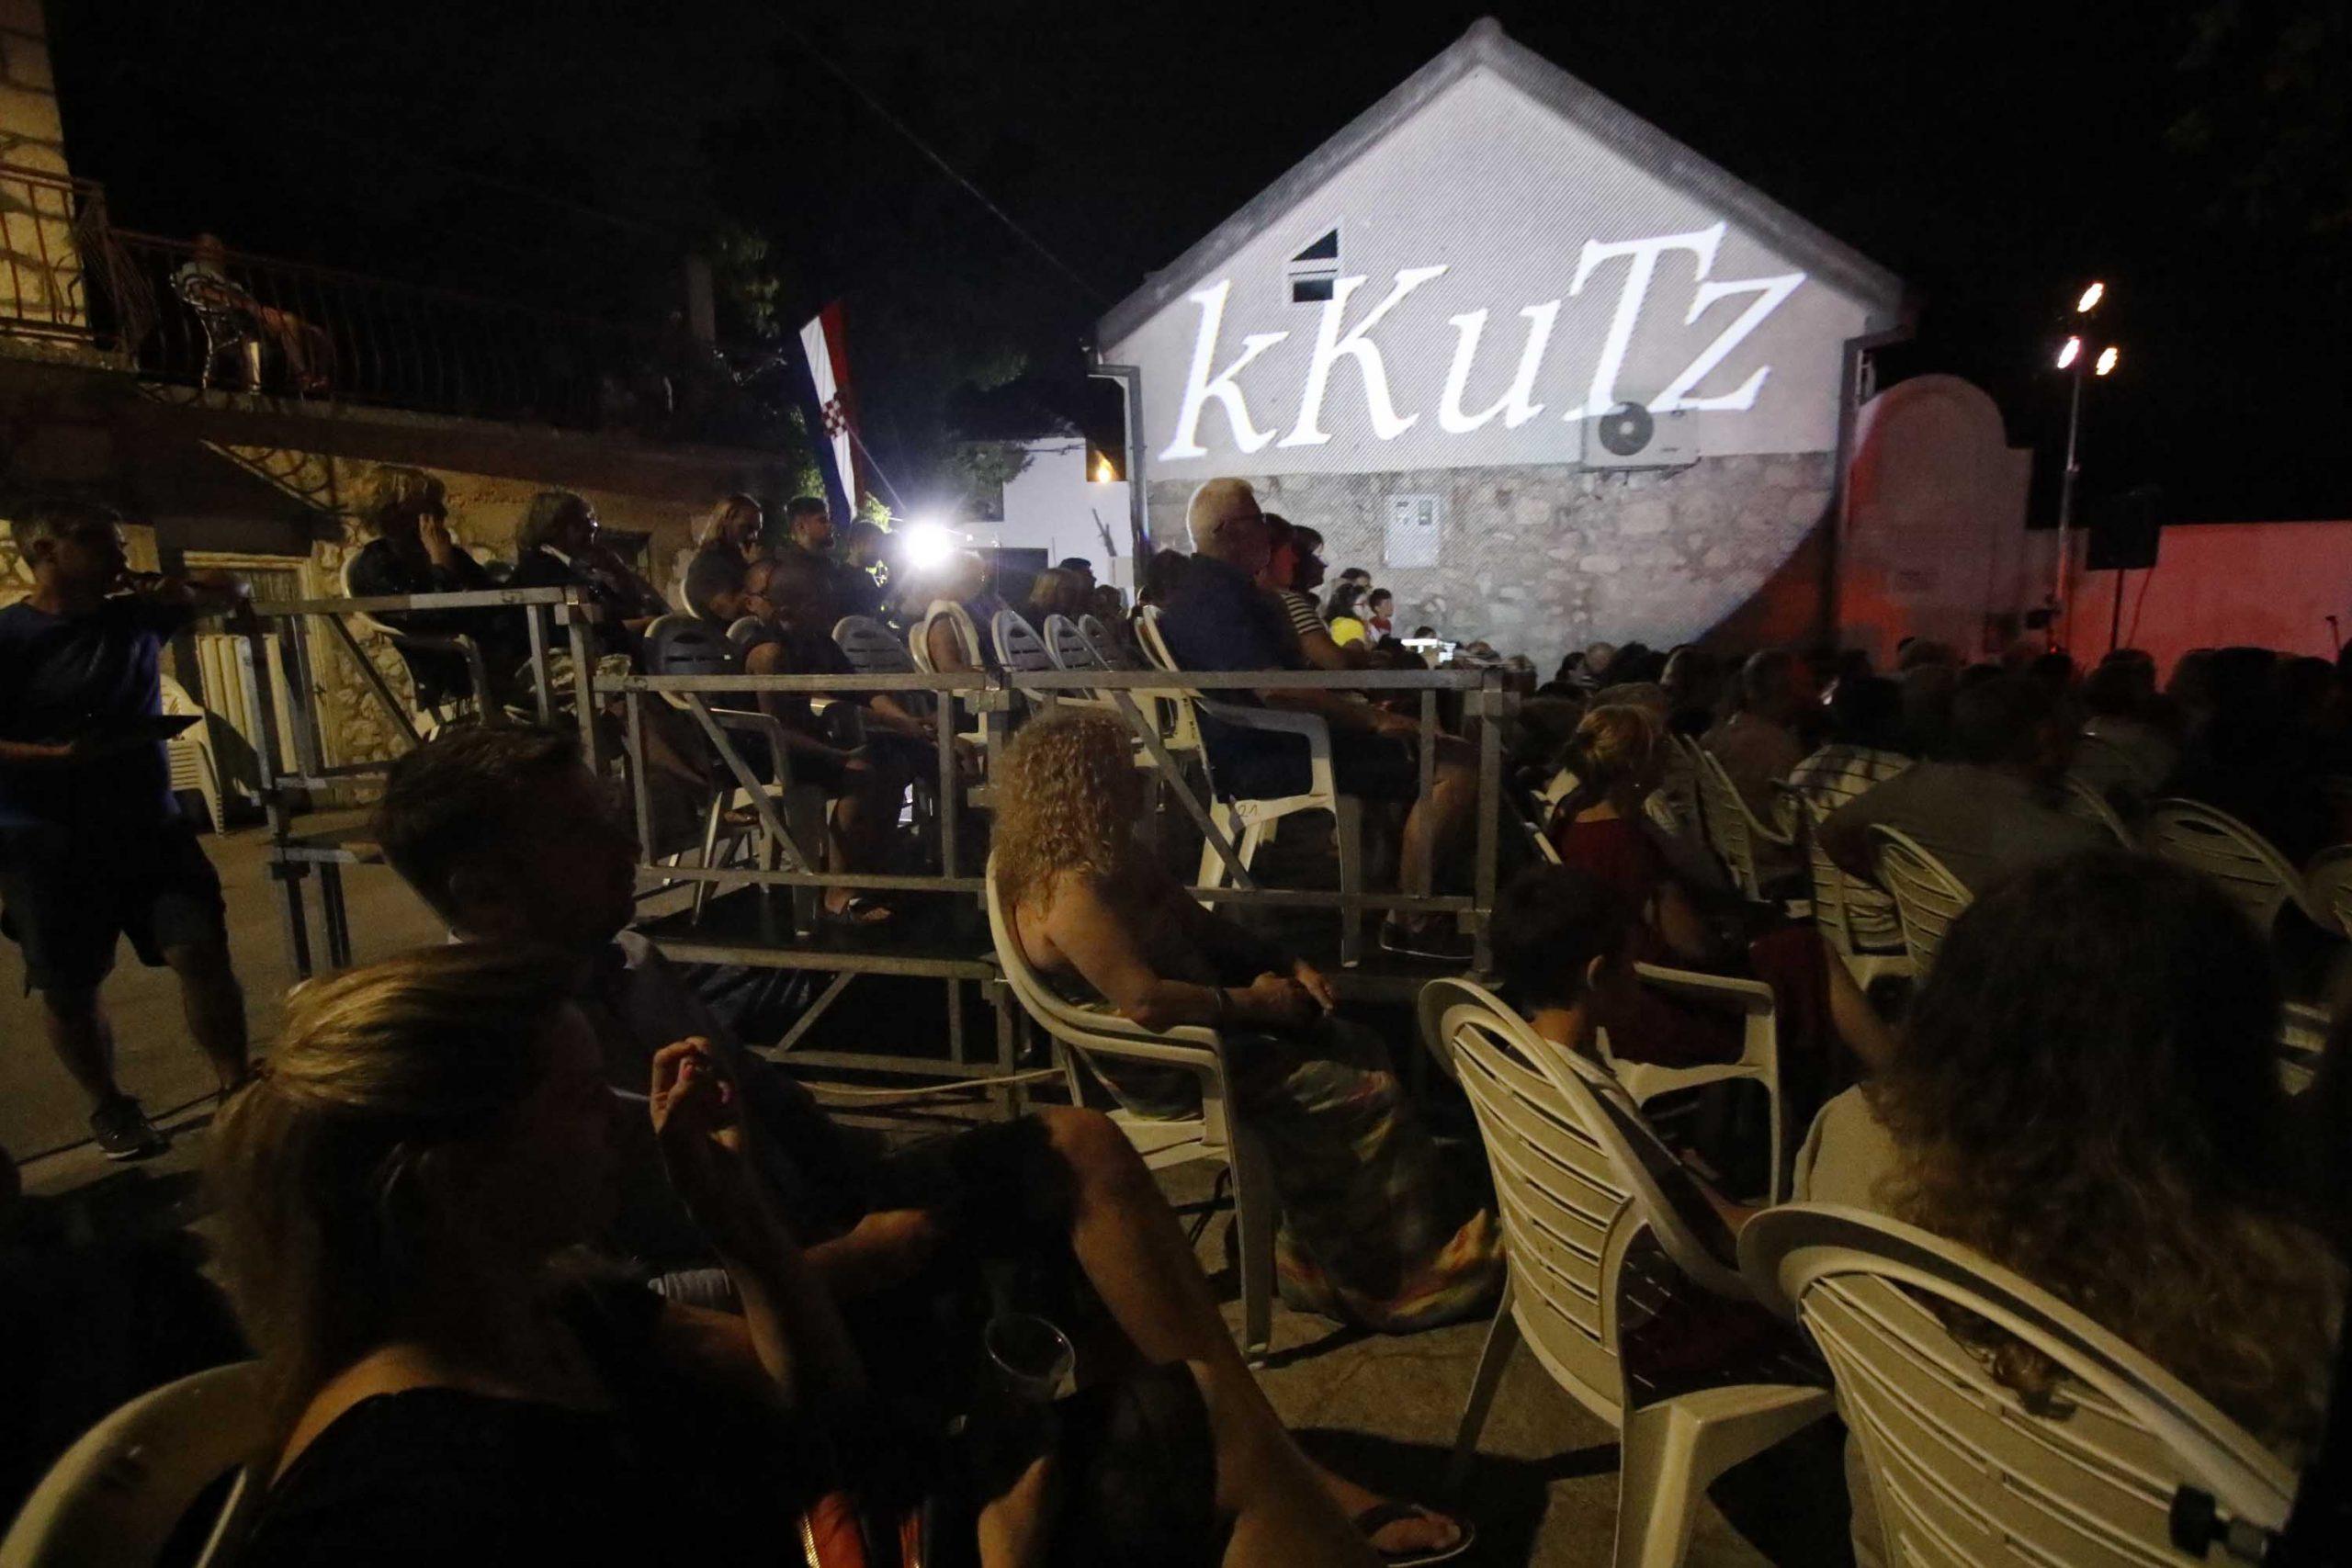 kkutz-sridasela230721_0026